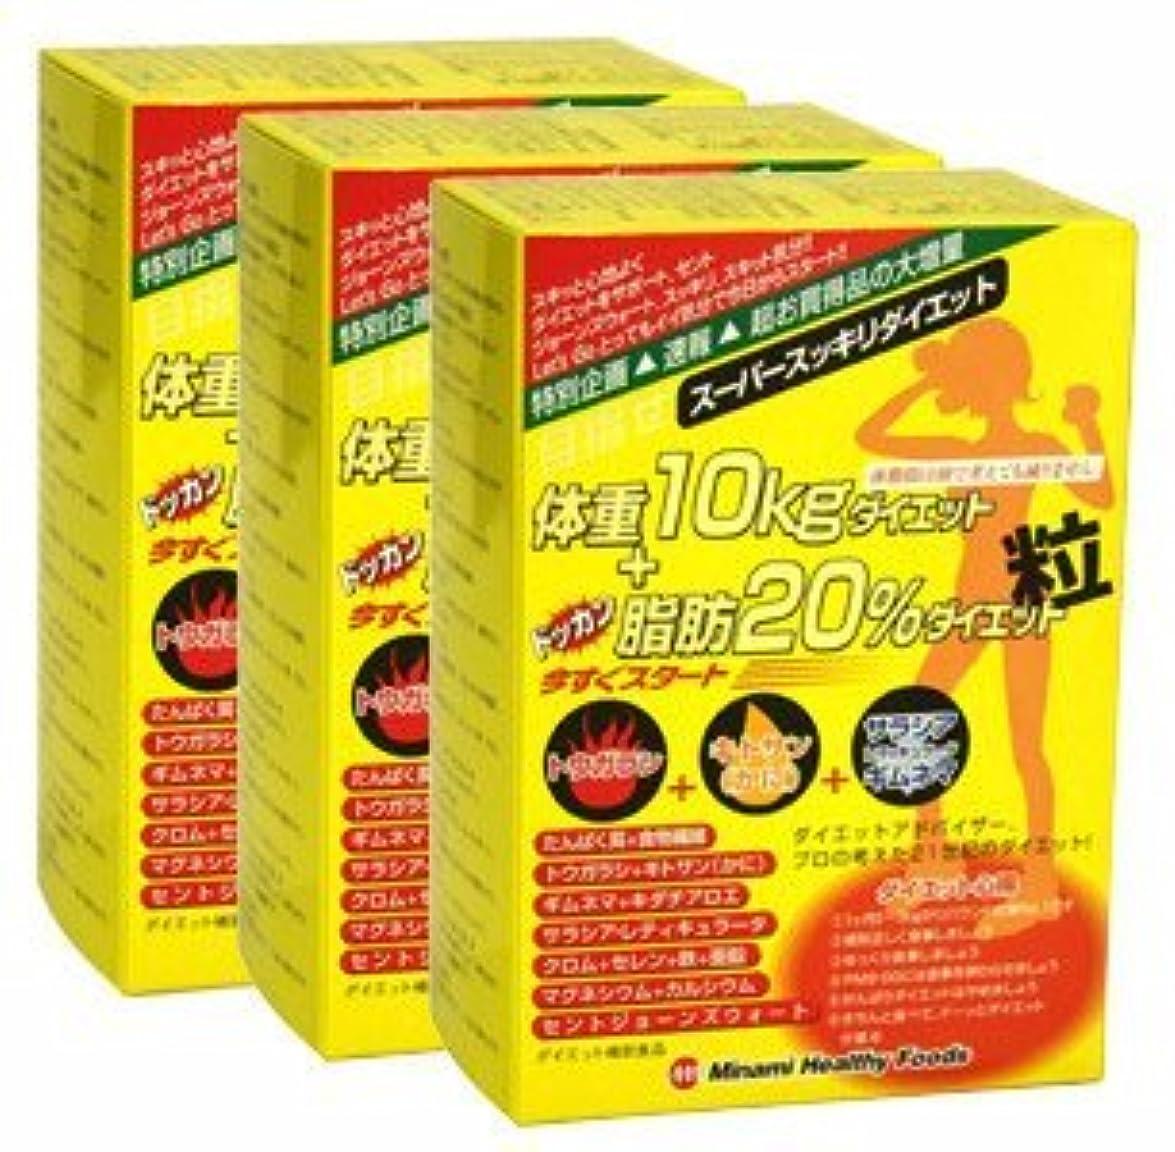 細菌無視する芽目指せ体重10kg+ドッカン脂肪20%ダイエット粒【3箱セット】ミナミヘルシーフーズ